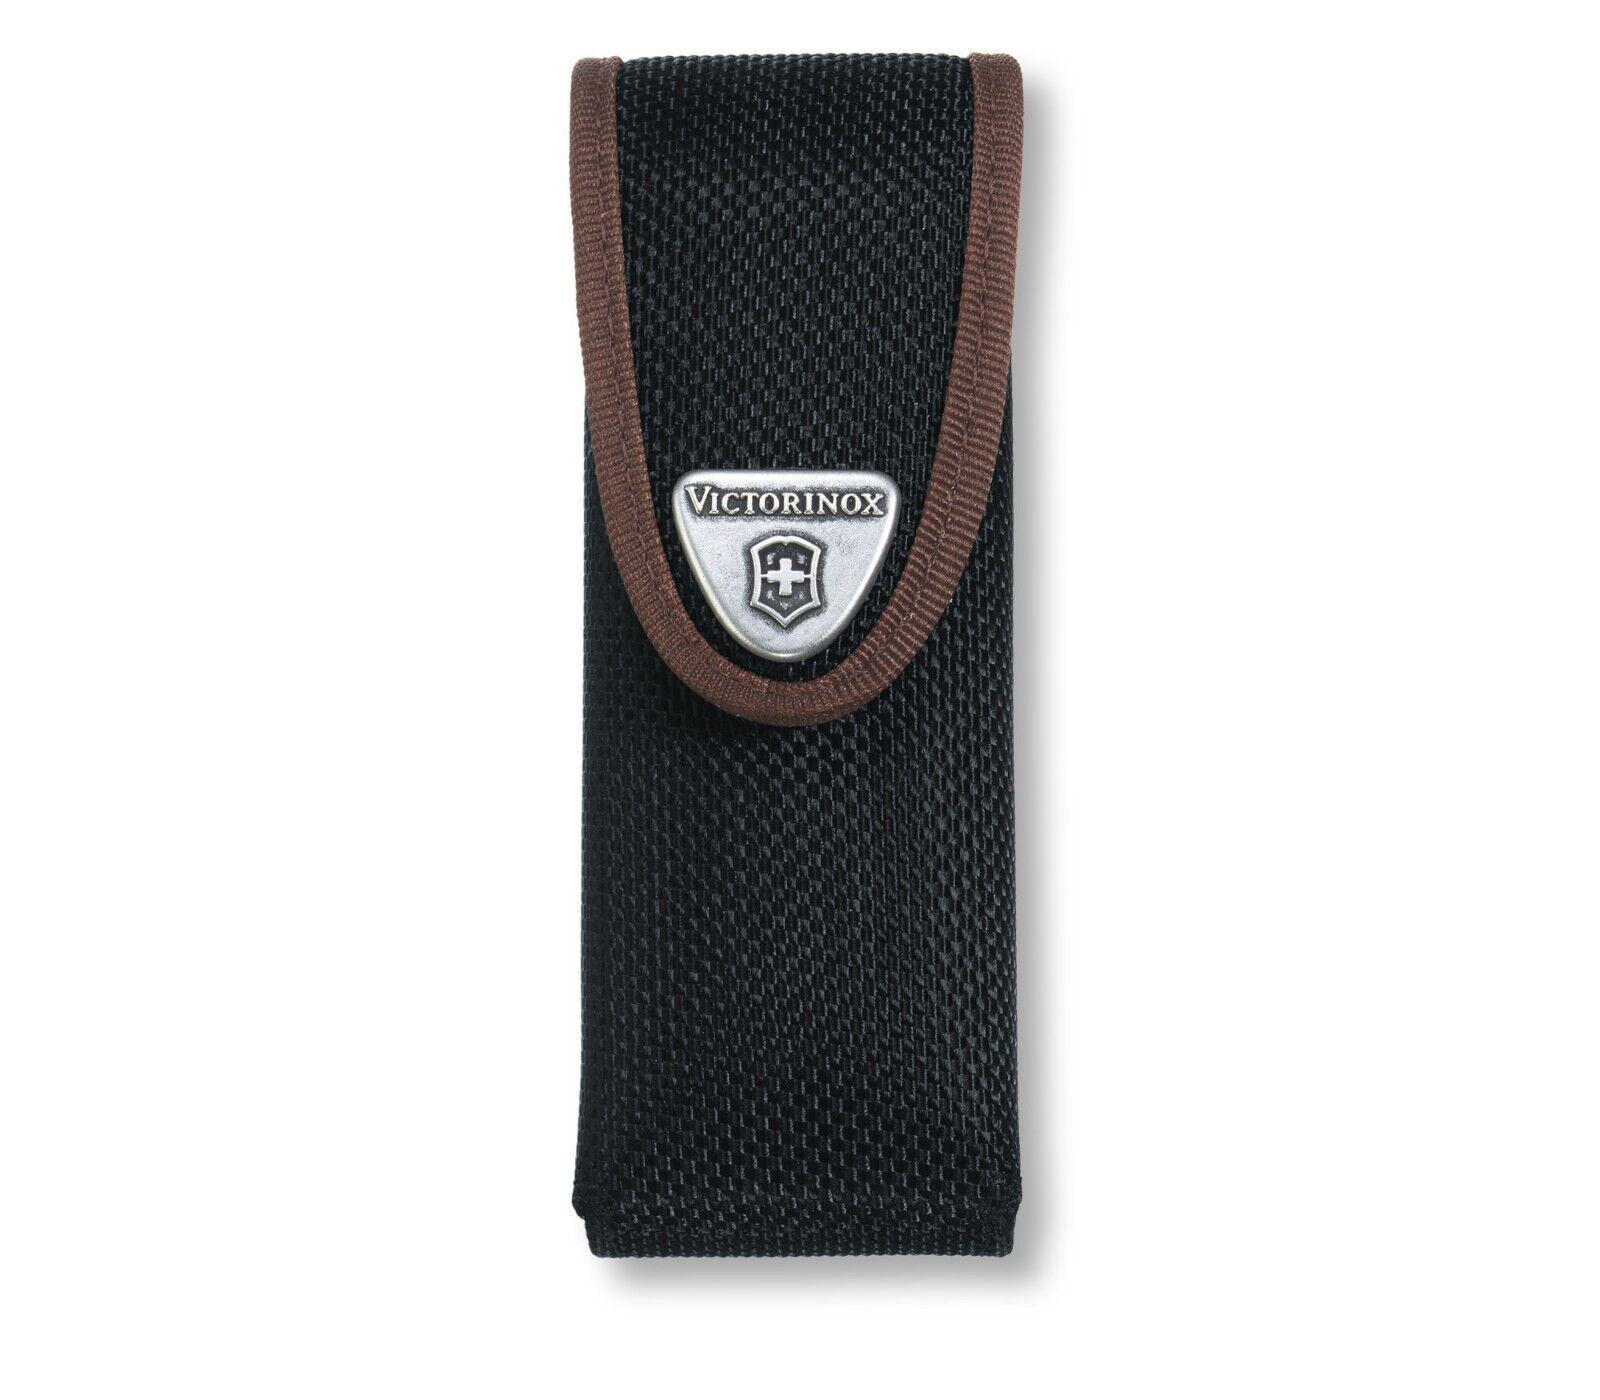 Victorinox Taschenmesser Taschenwerkzeug SwissTool Spirit neu XBS 3.0224.3CN neu Spirit 9a5649